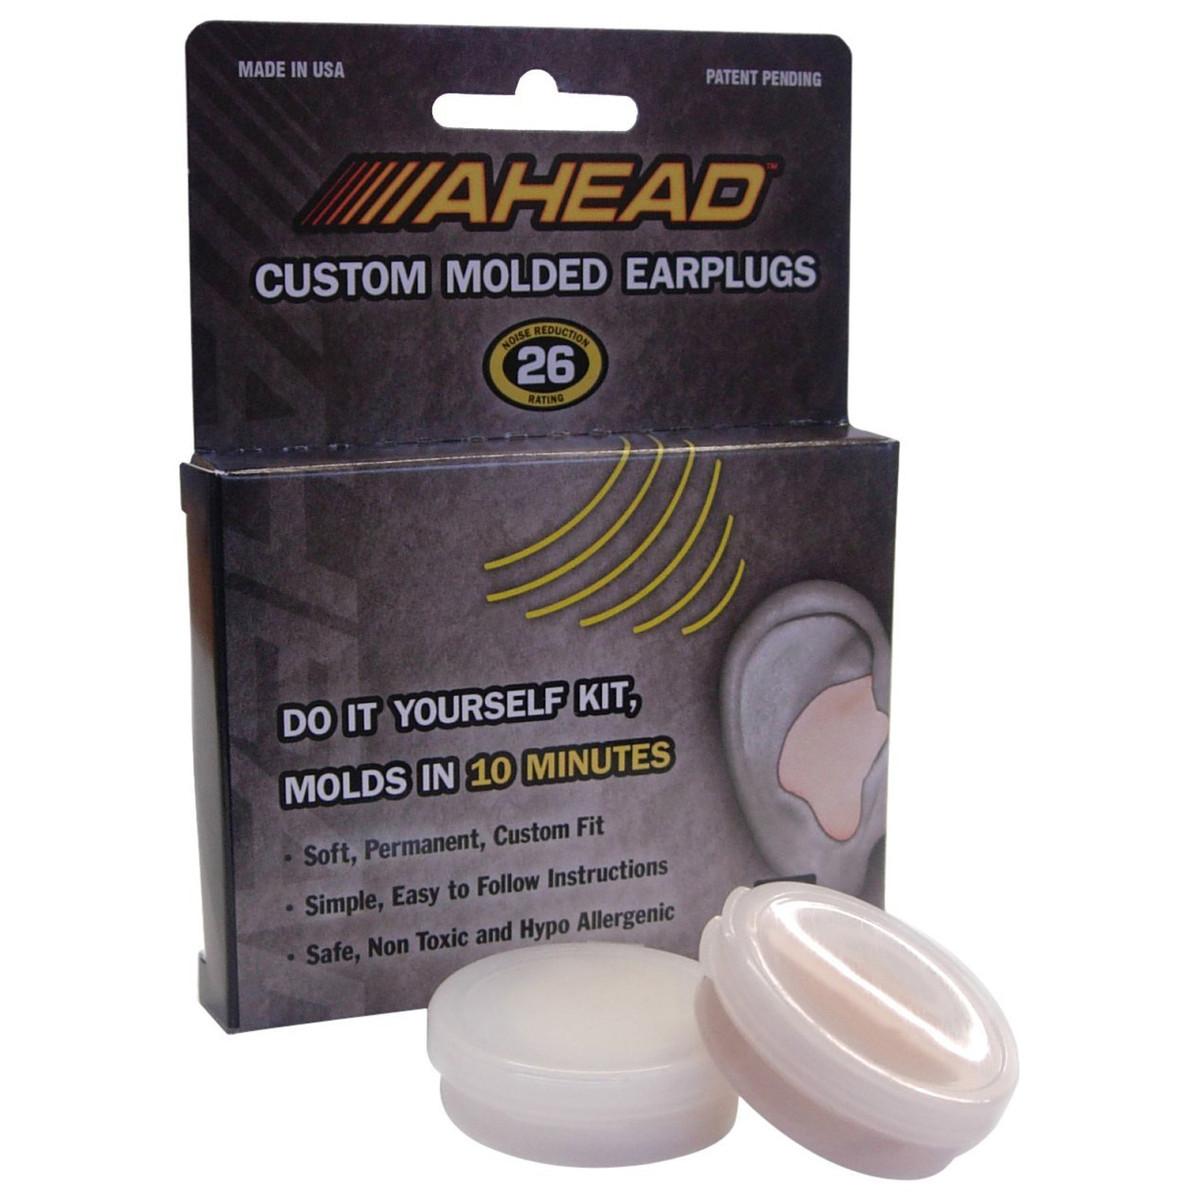 Image of Ahead Custom Moulded Earplugs Pair